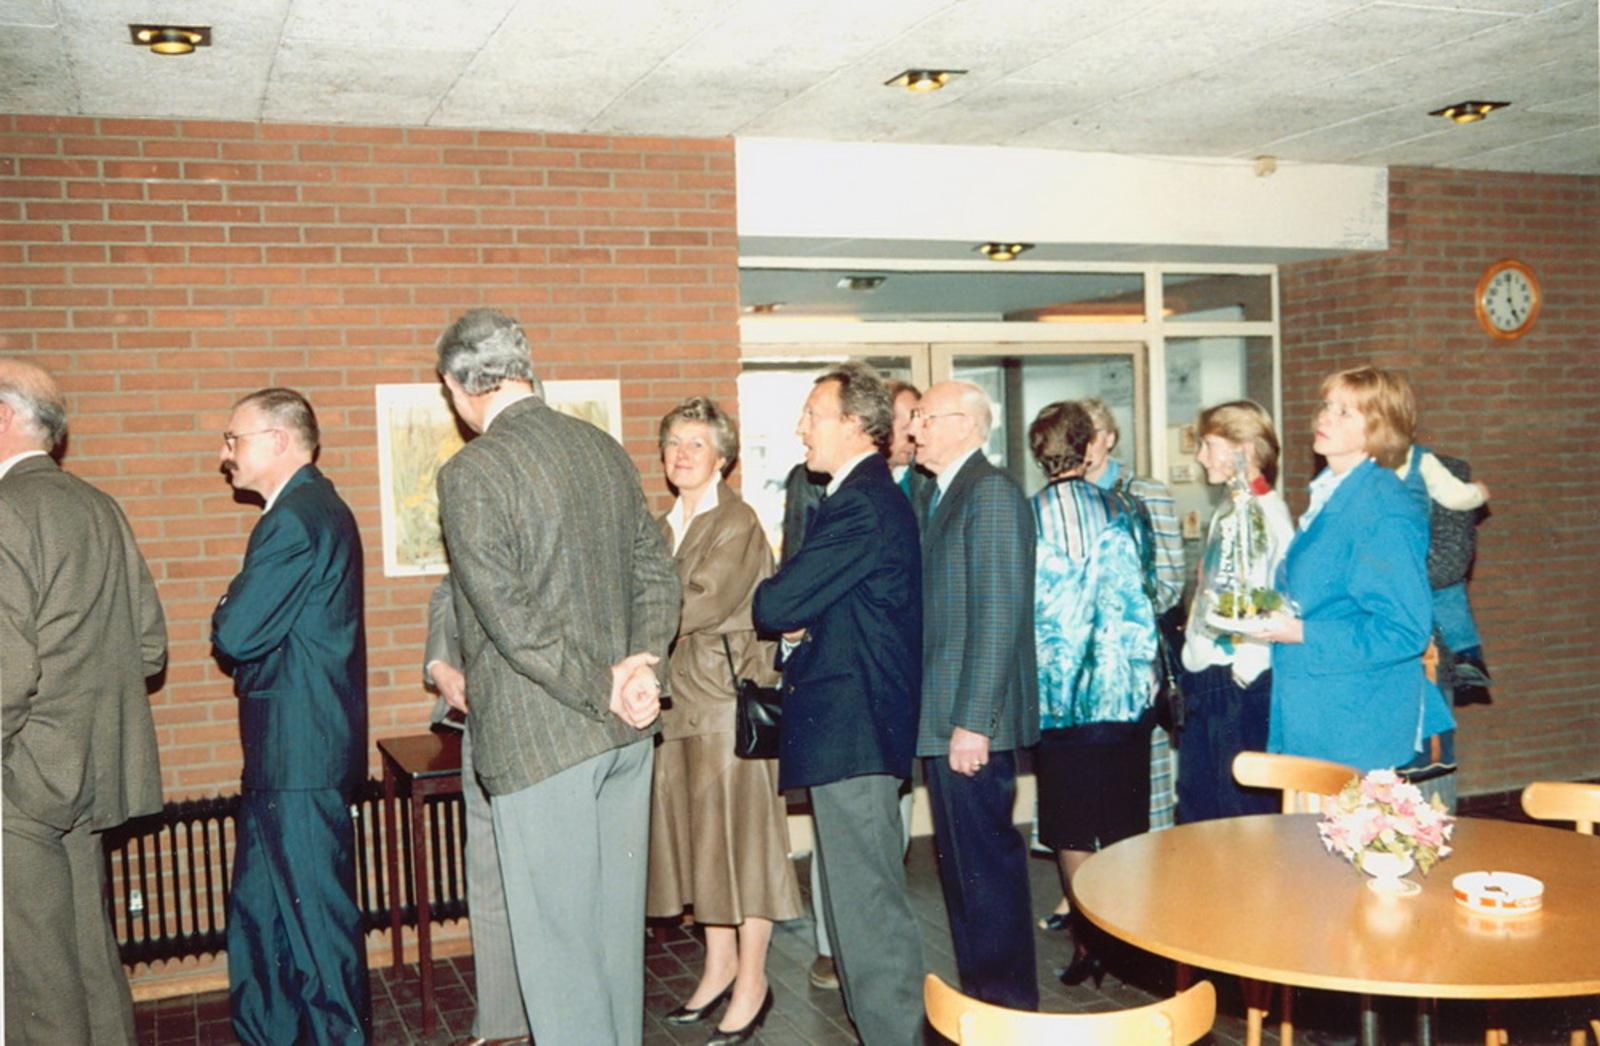 Marktlaan O 0022 1988 Sigarenboer Kraak 50jr Jub en Sluiting 44